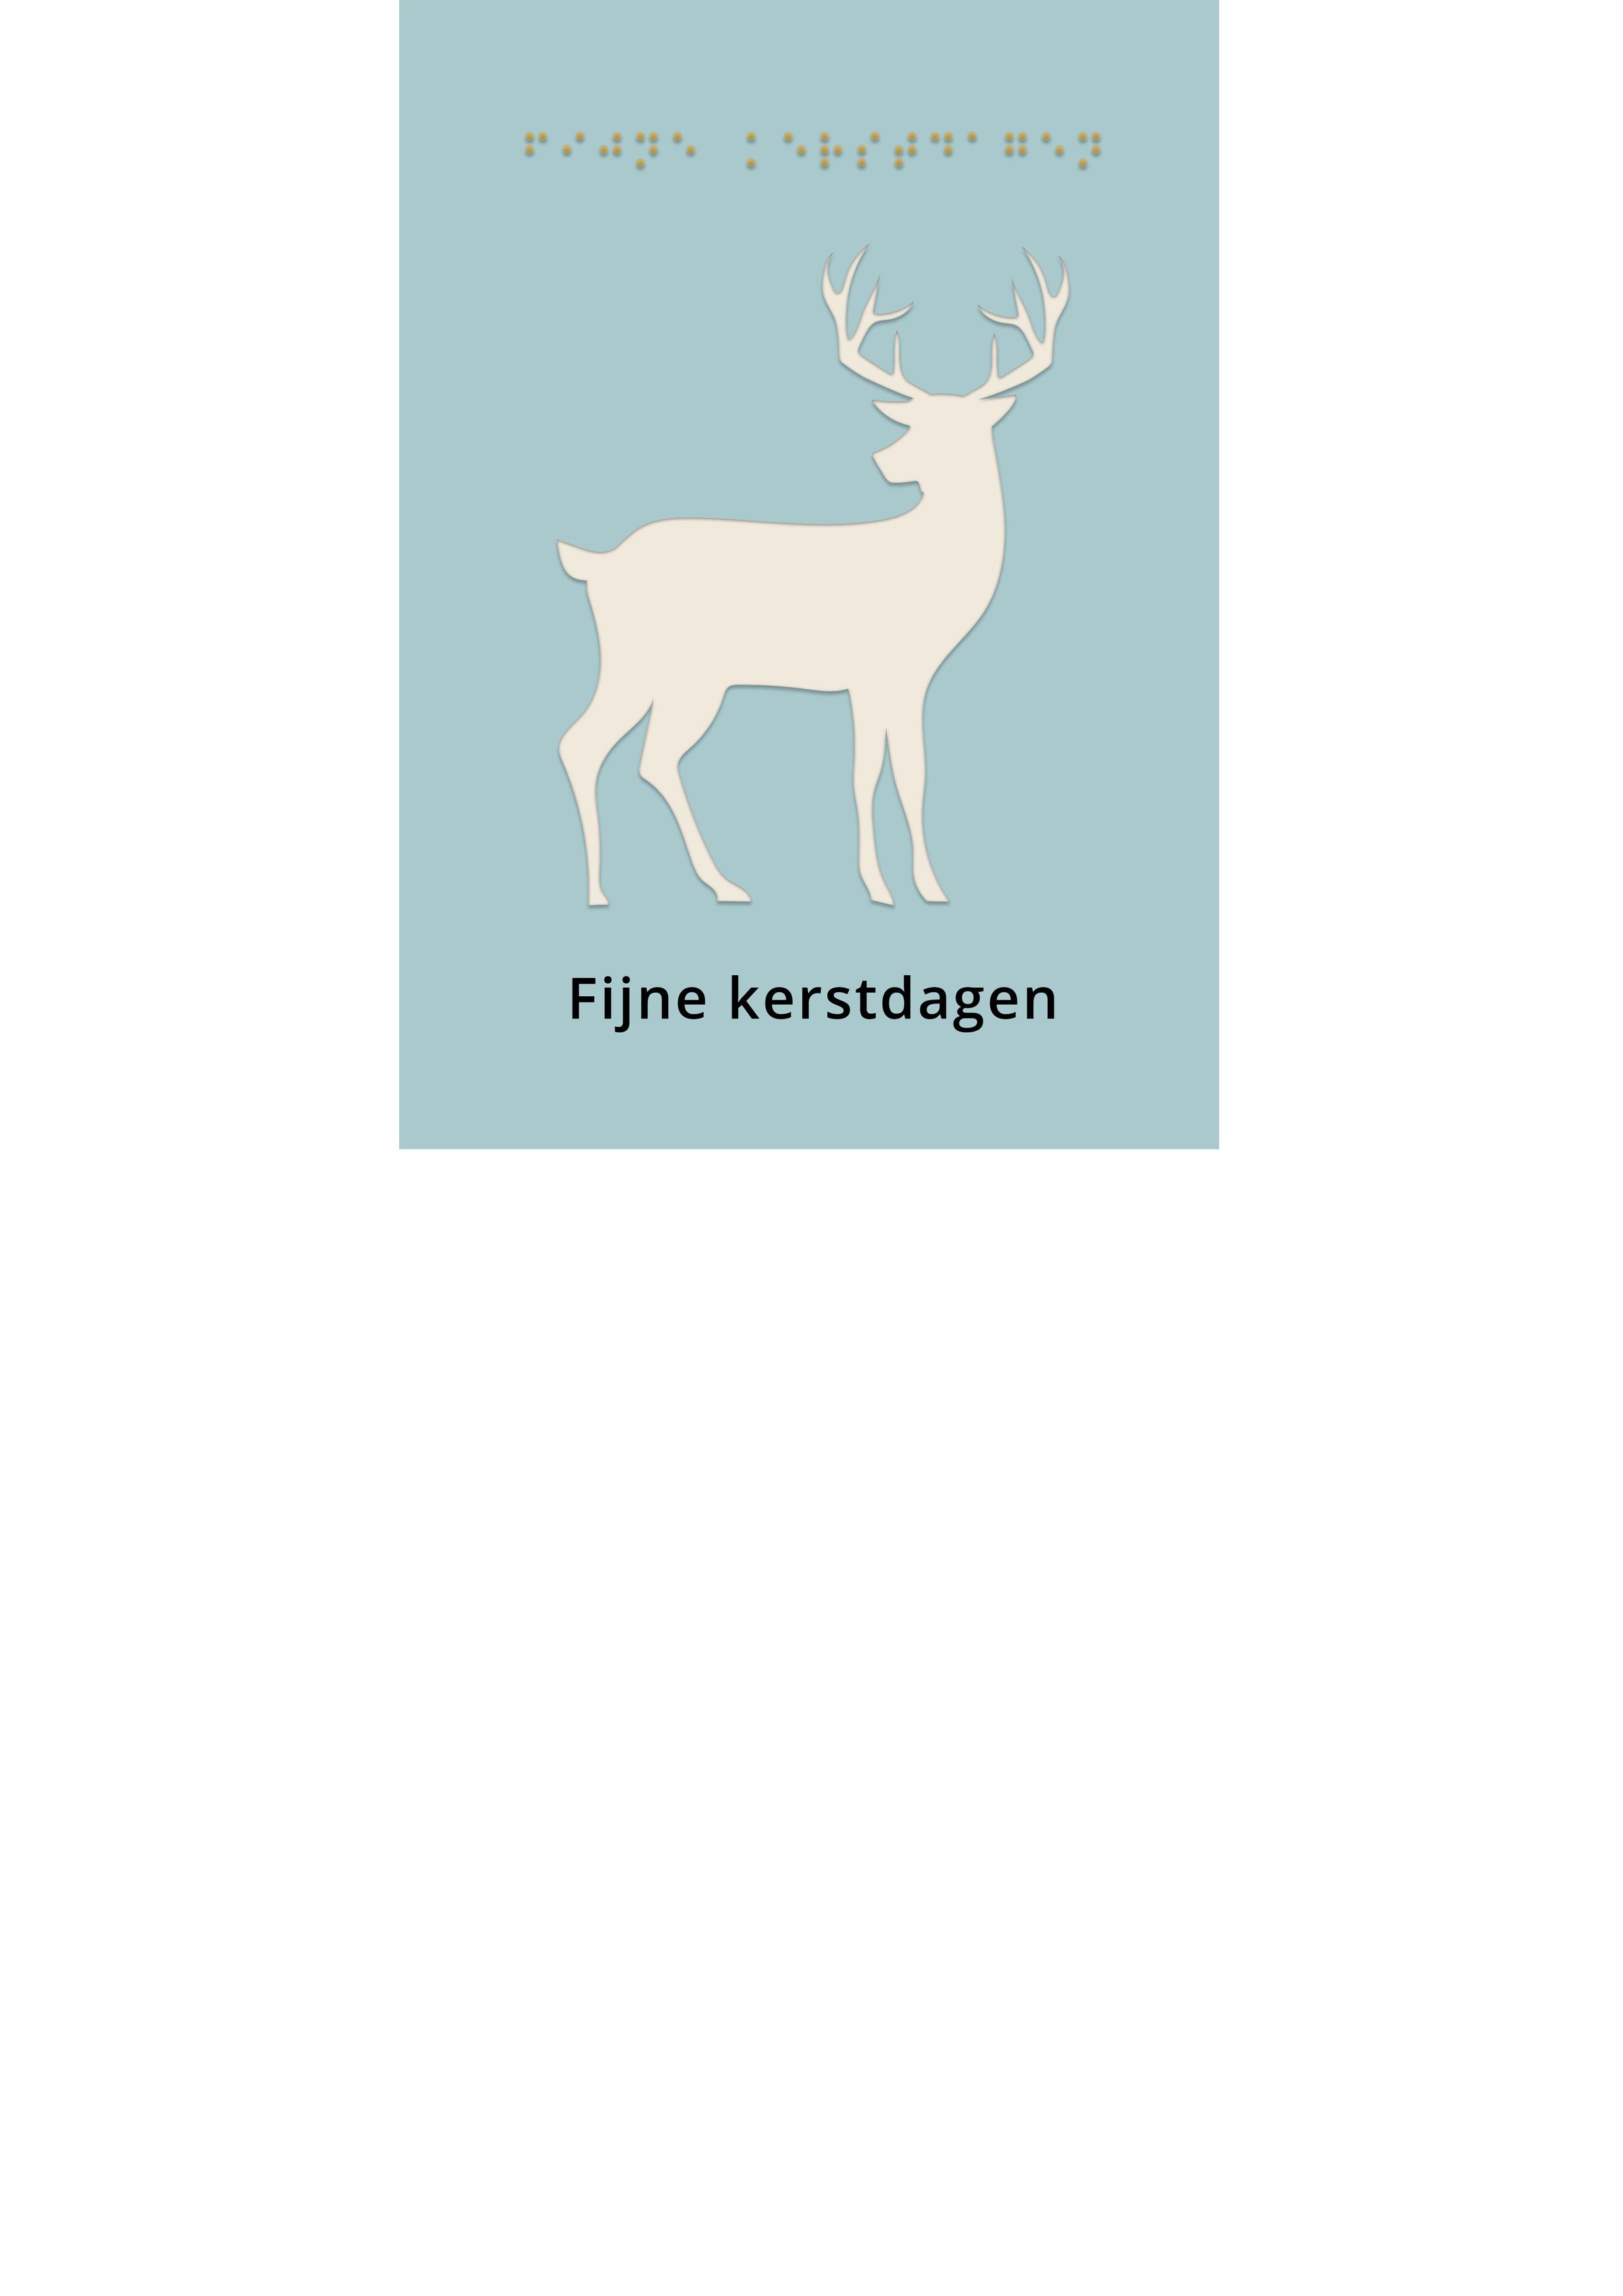 Voelbare kerstkaart met braille en een hert in reliëf tegen een blauwe achtergrond.